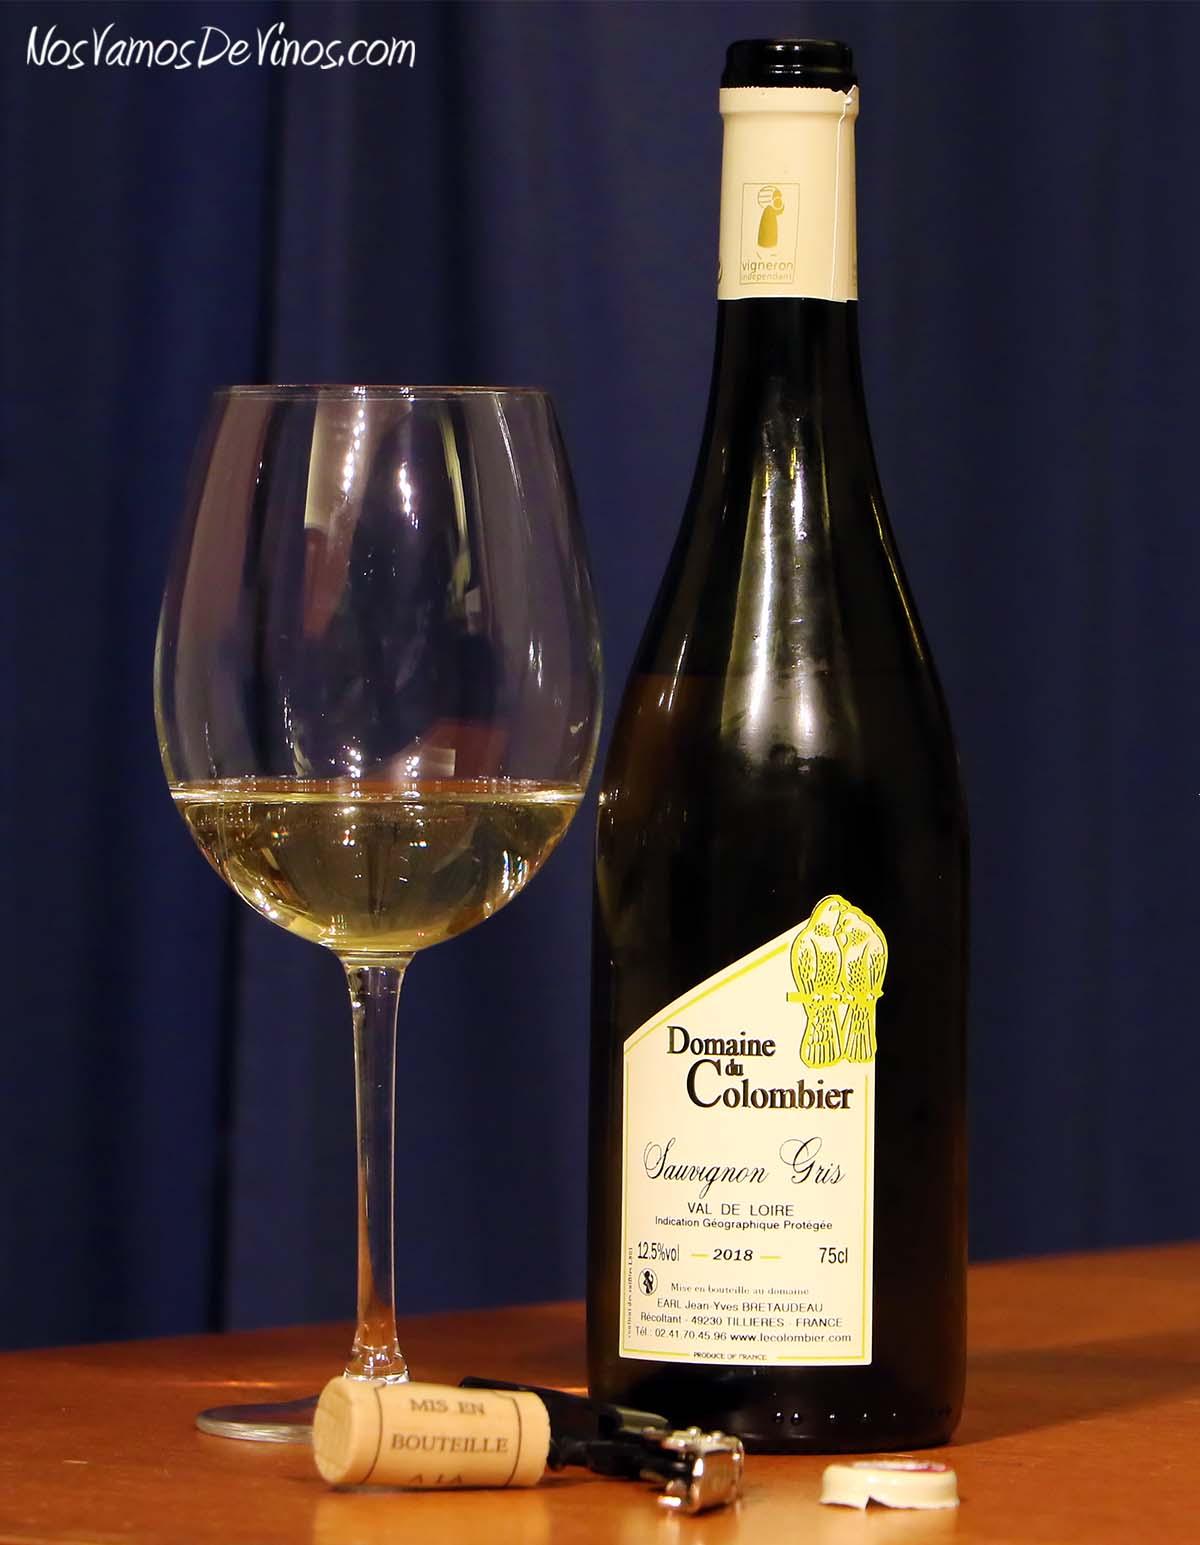 Domaine du Colombier Sauvignon Gris 2018